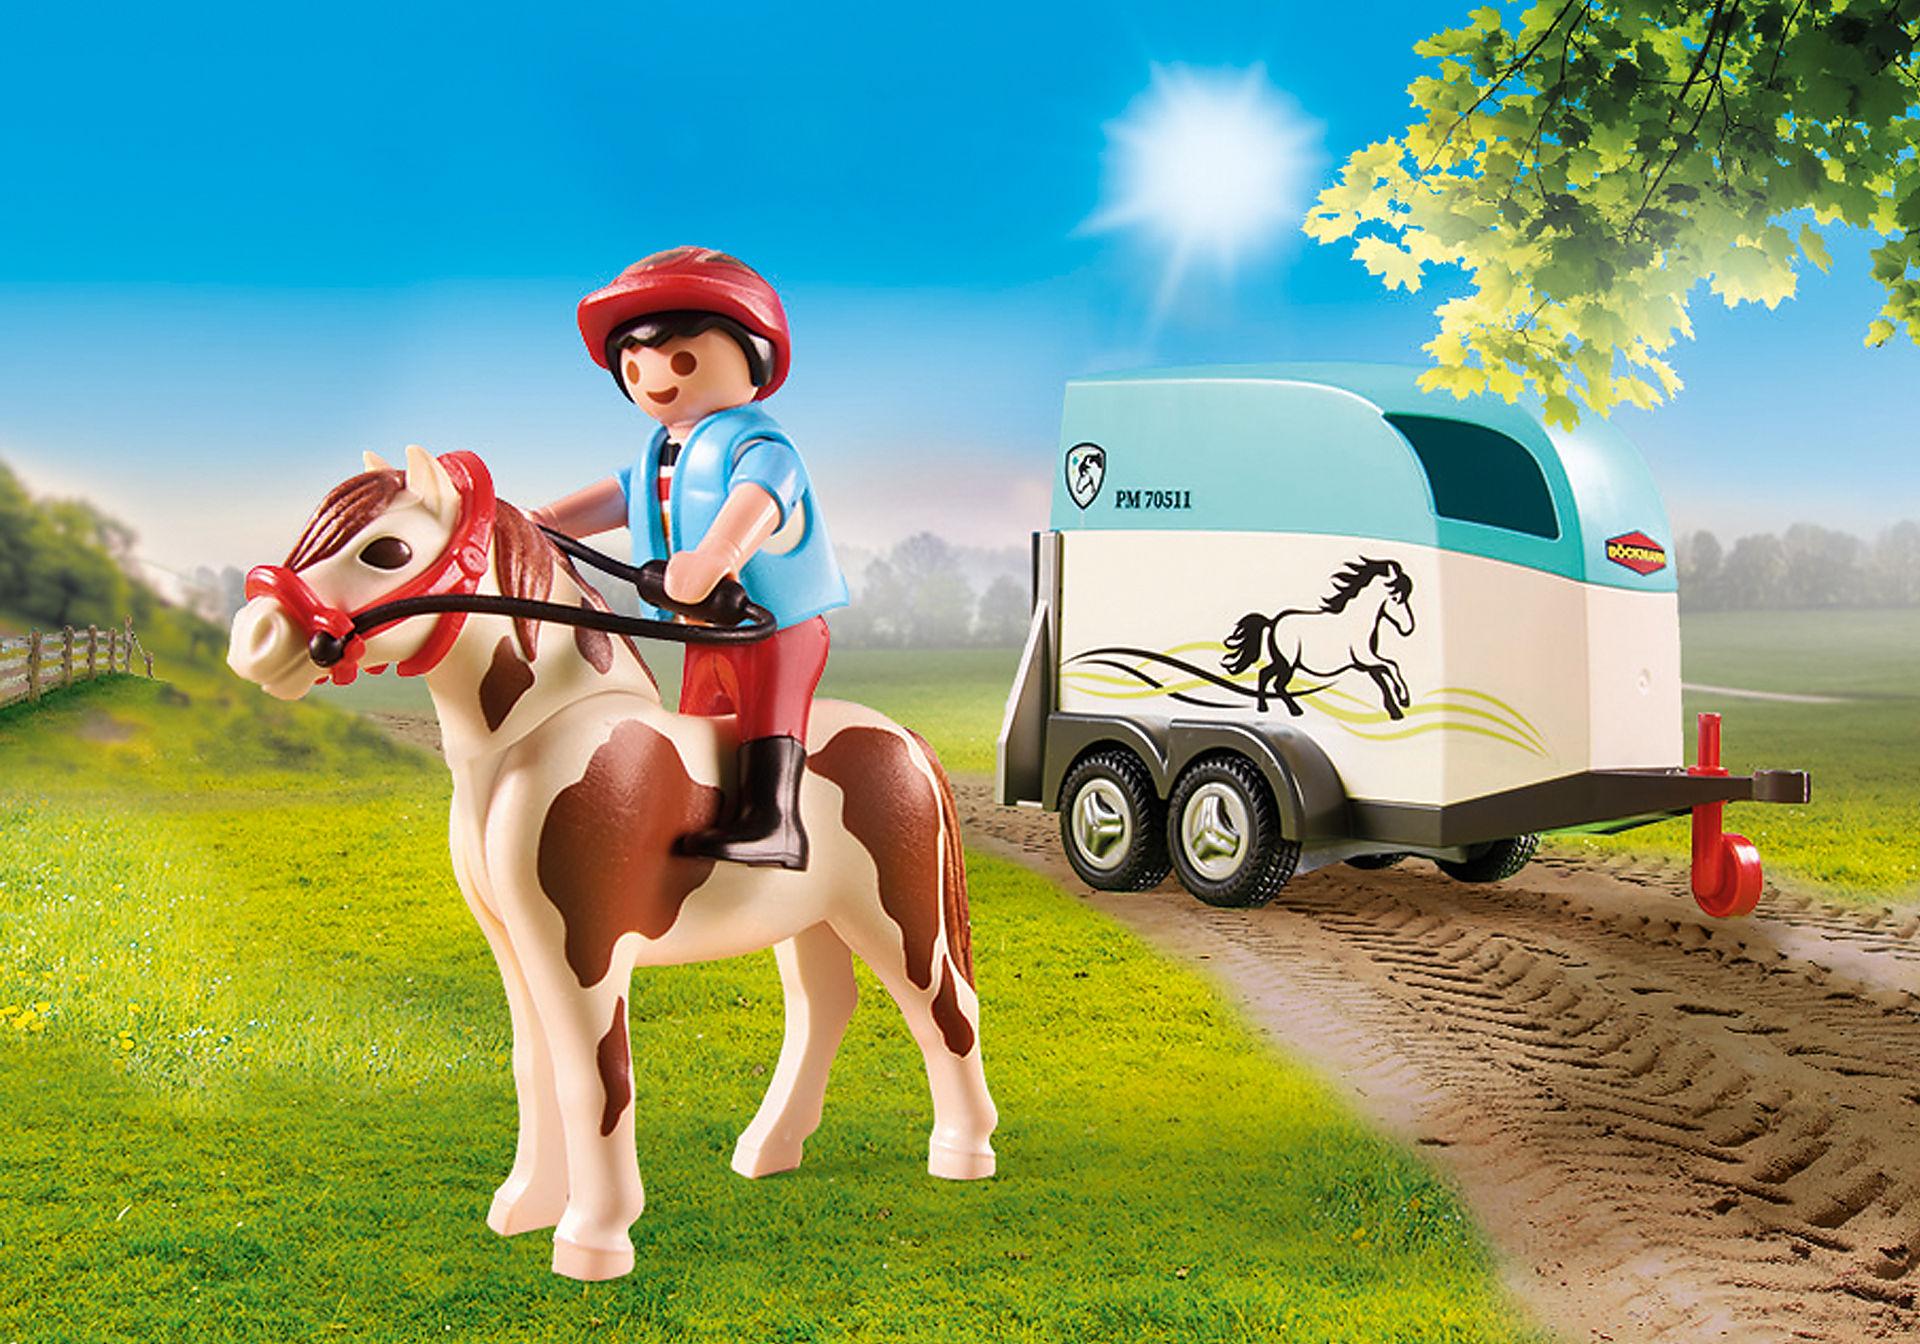 70511 Lastbil med ponyanhænger zoom image4